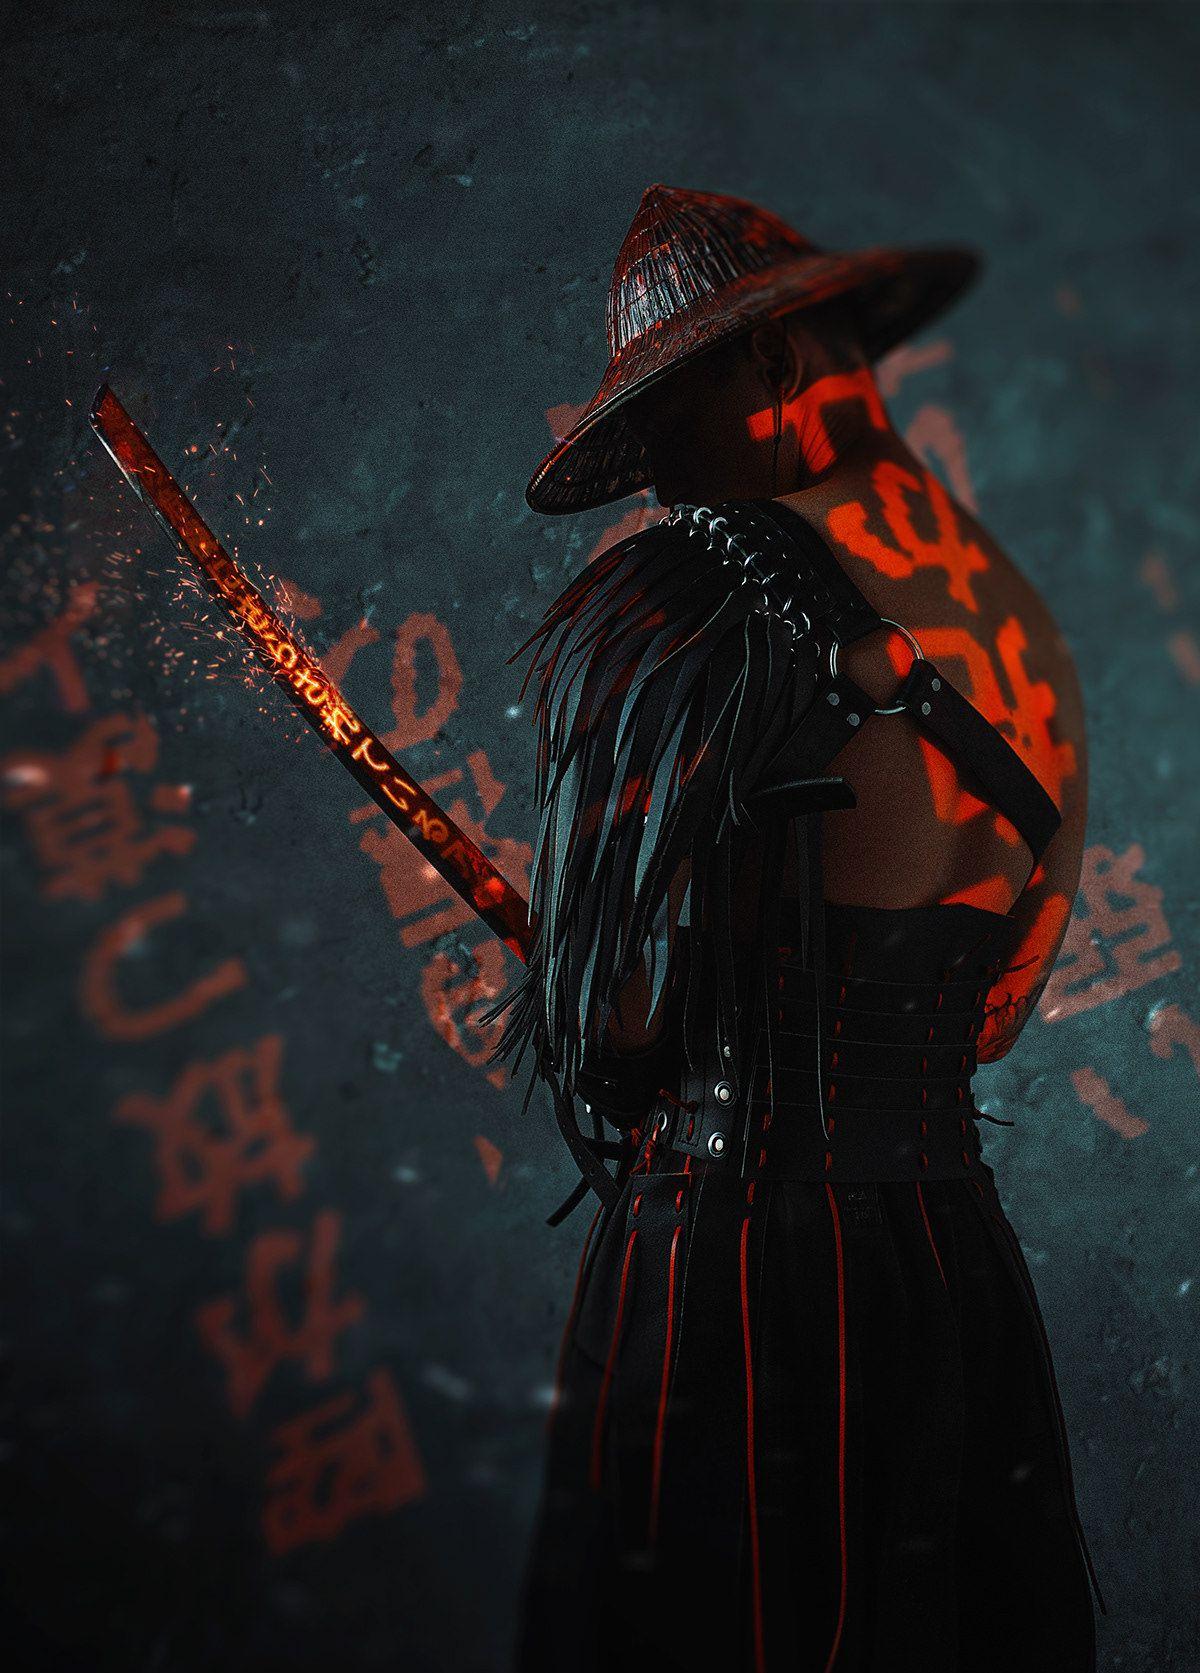 The Blind Ninja Neon Samurai By Dmitry Mel Ninja Art Samurai Artwork Samurai Wallpaper